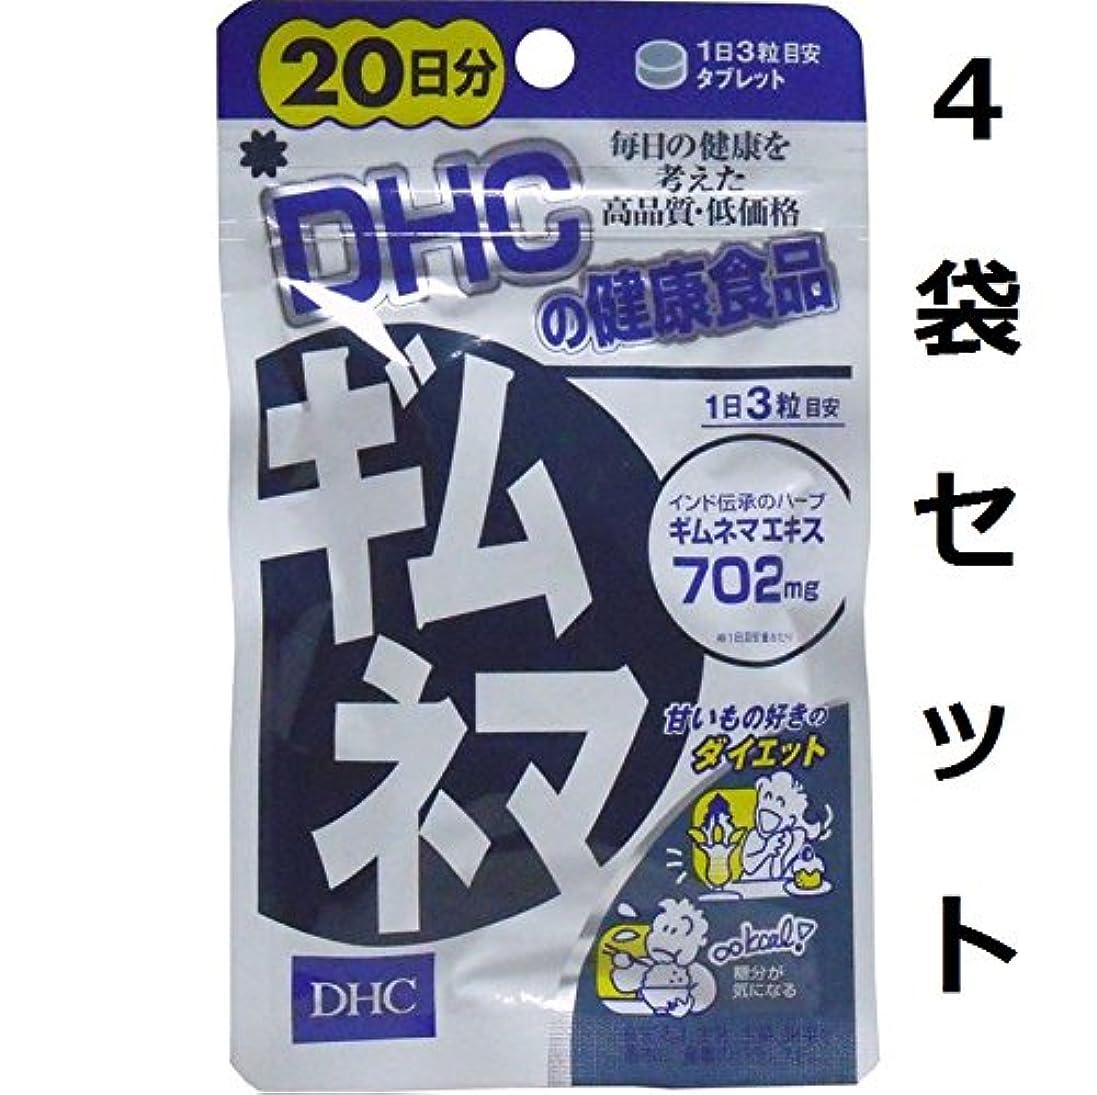 露出度の高いメンター非武装化我慢せずに余分な糖分をブロック DHC ギムネマ 20日分 60粒 4袋セット